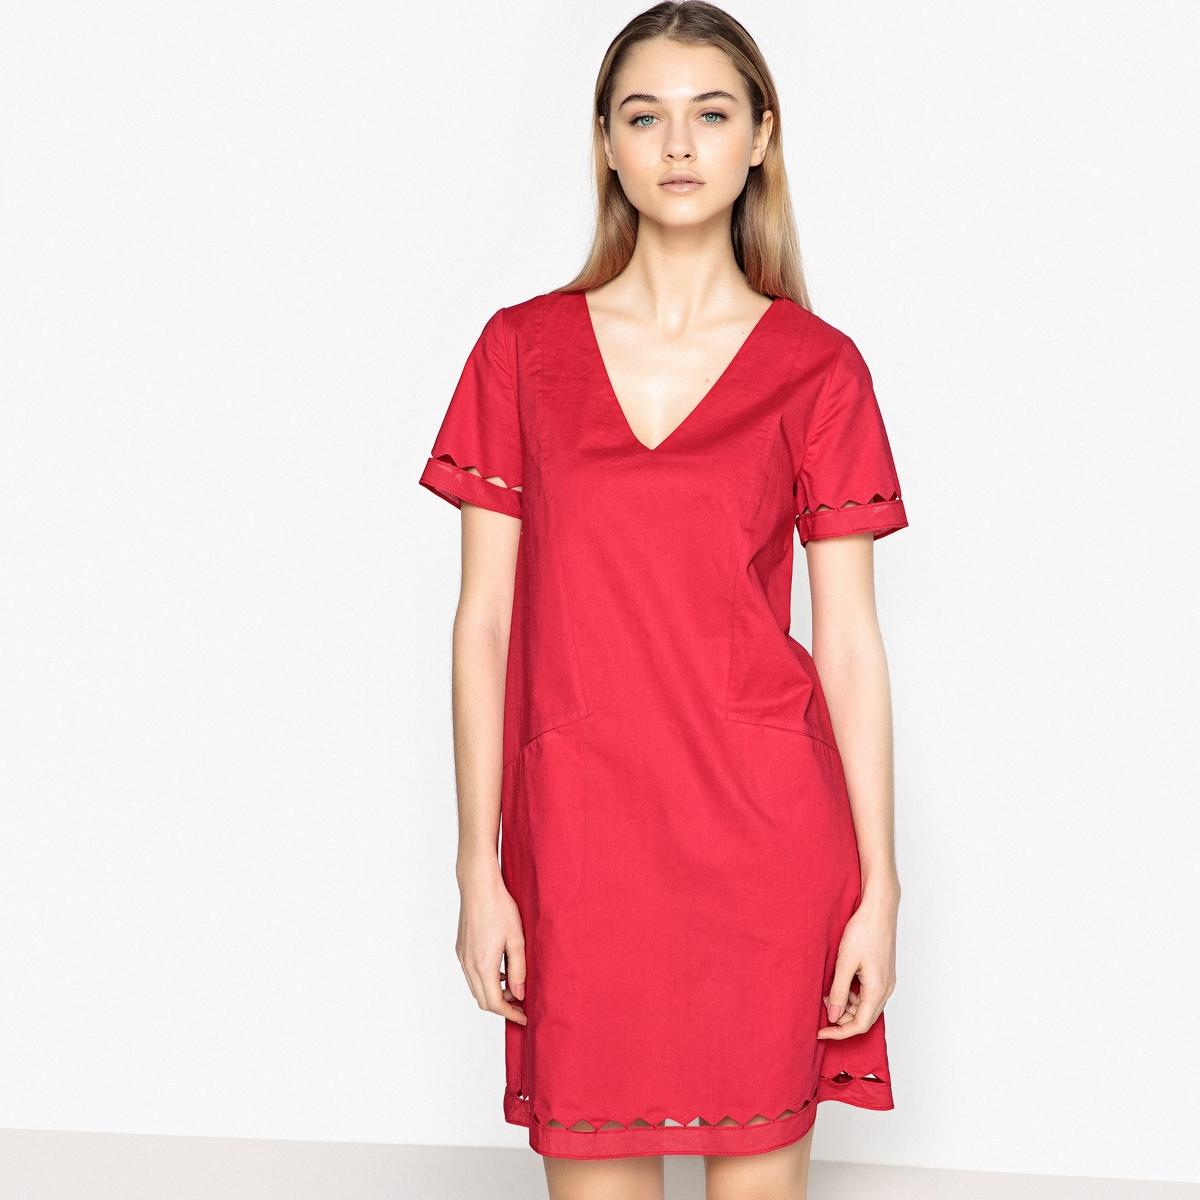 Платье с короткими рукавами RITALICОписание:Детали •  Форма : прямая •  Укороченная модель •  Короткие рукава    •   V-образный вырезСостав и уход •  100% хлопок •  Следуйте советам по уходу, указанным на этикетке<br><br>Цвет: красный малиновый